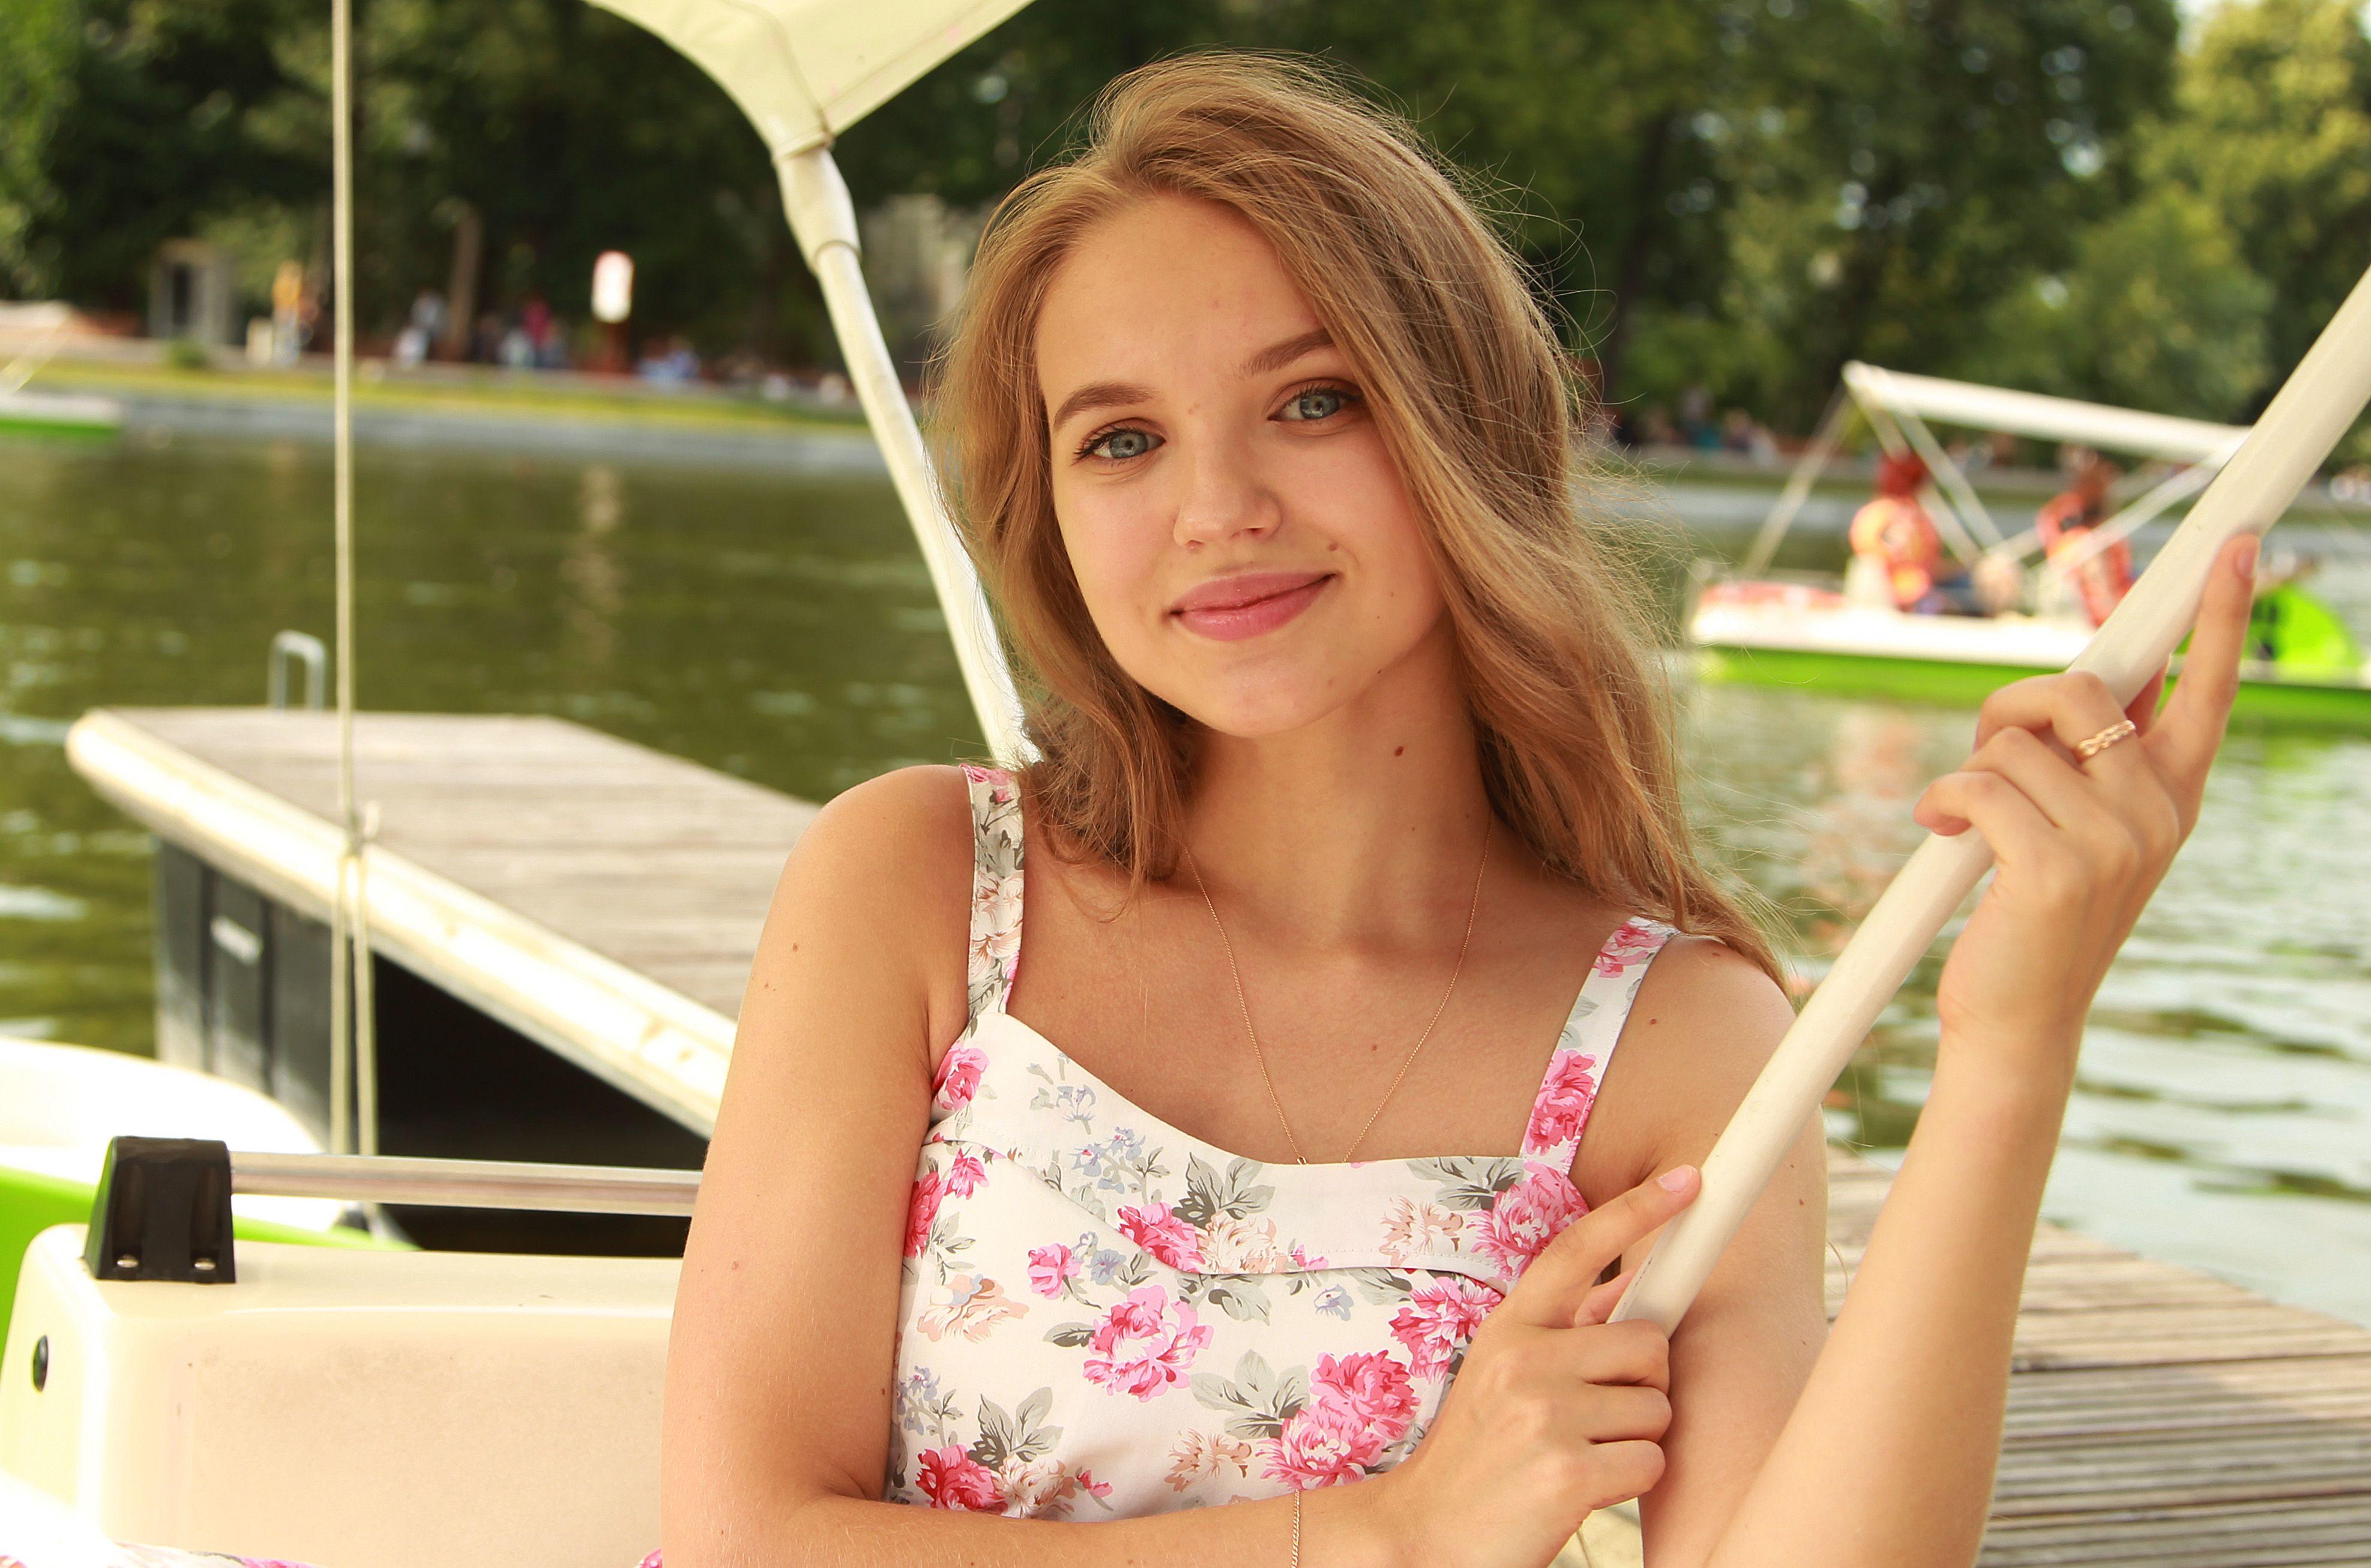 Гидрометцентр ввел «оранжевый» уровень опасности в Москве из-за жары